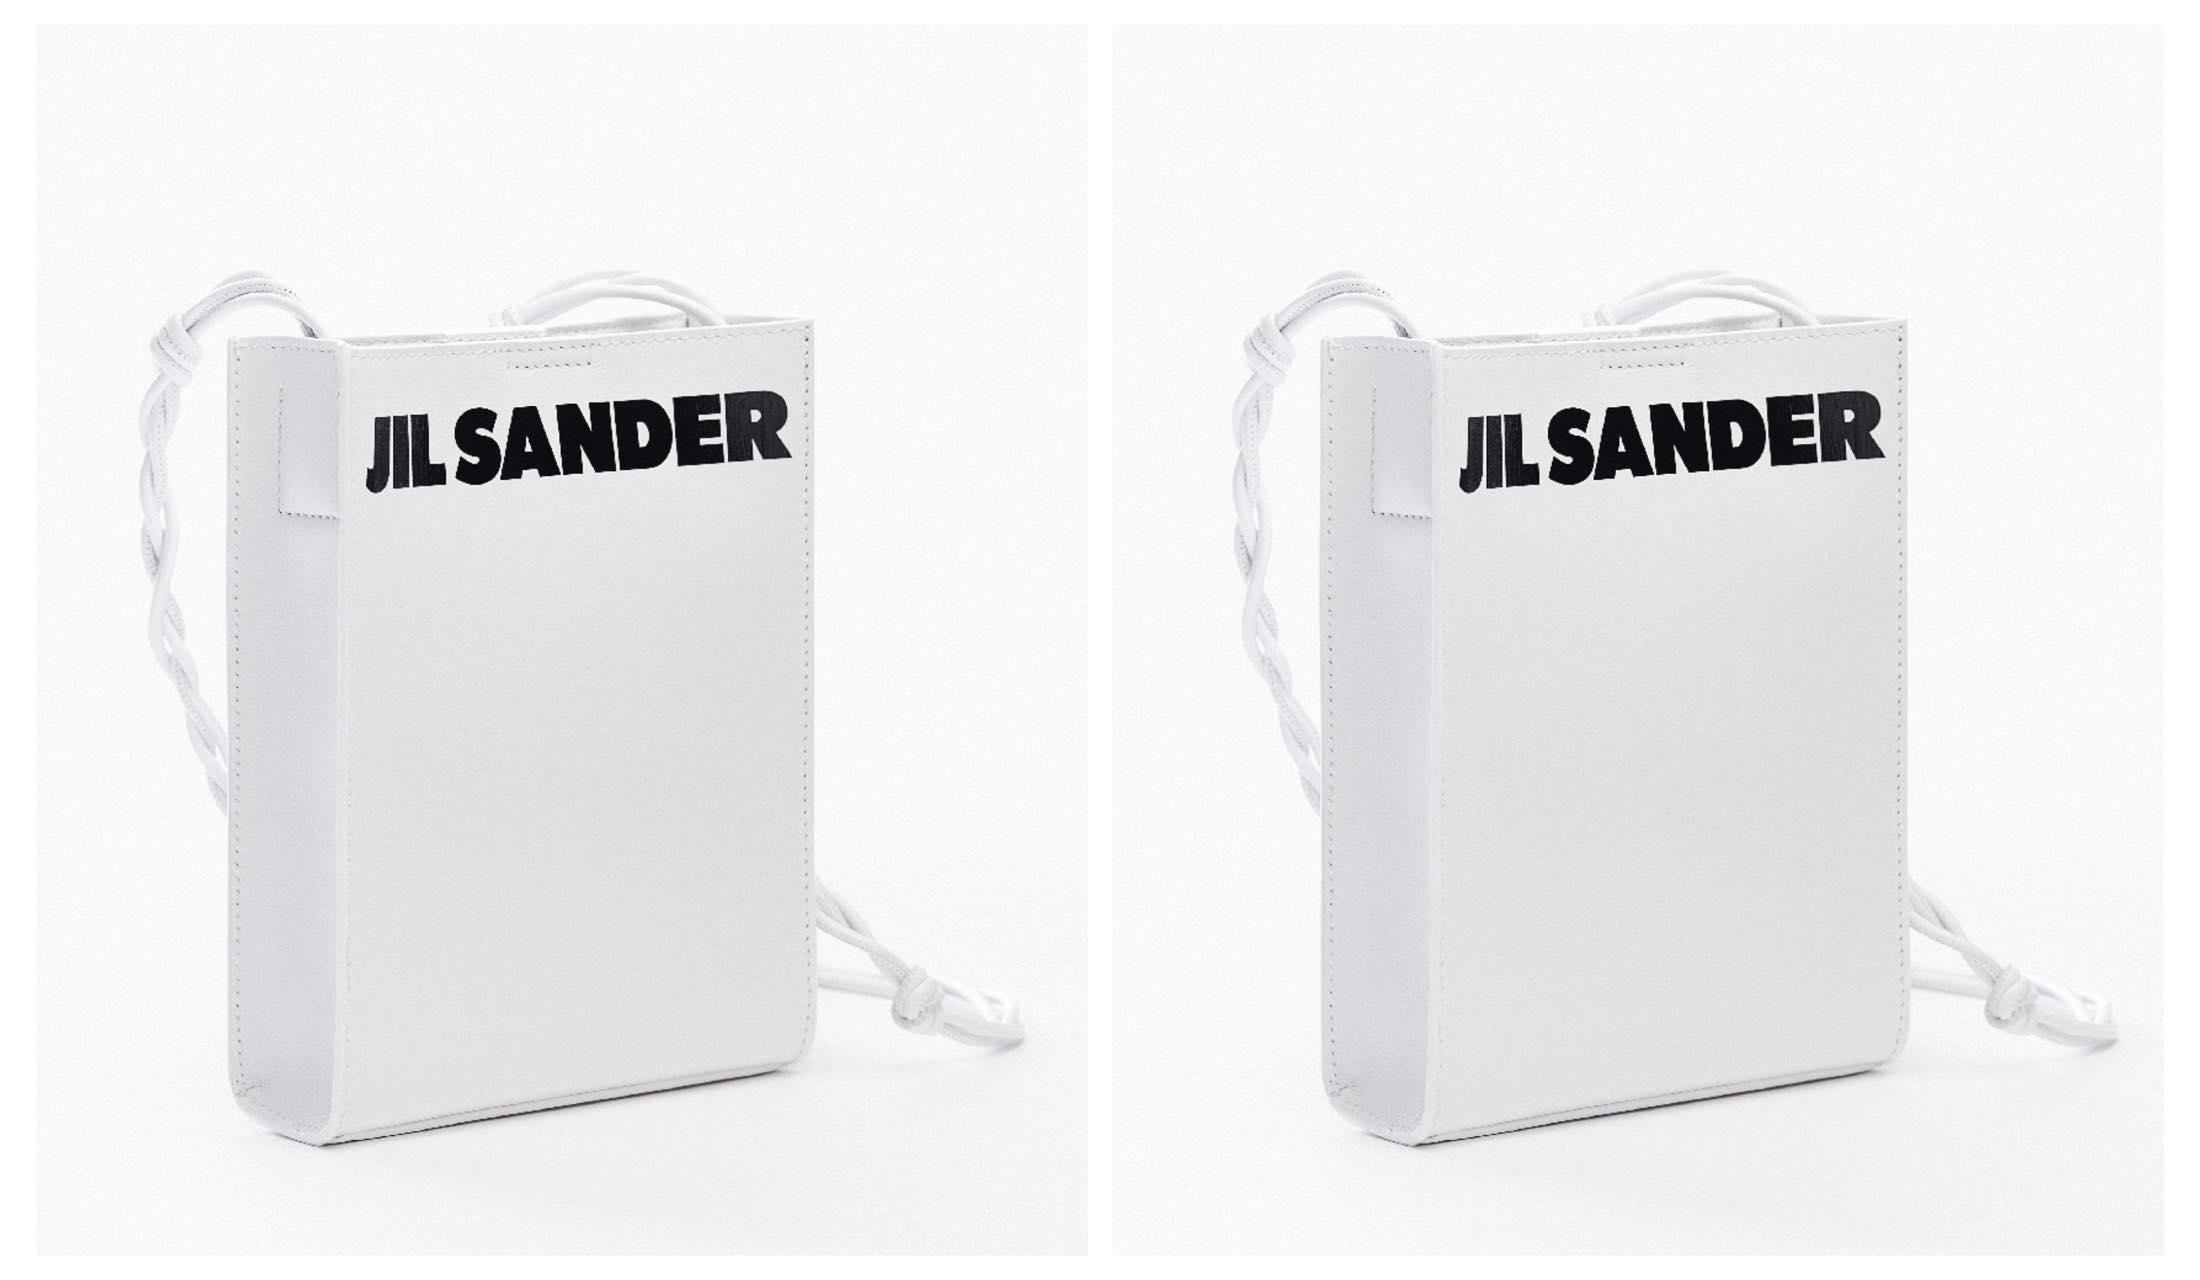 ジル・サンダー表参道店限定のバッグ「TANGLE SM(タングルスモール)」の写真